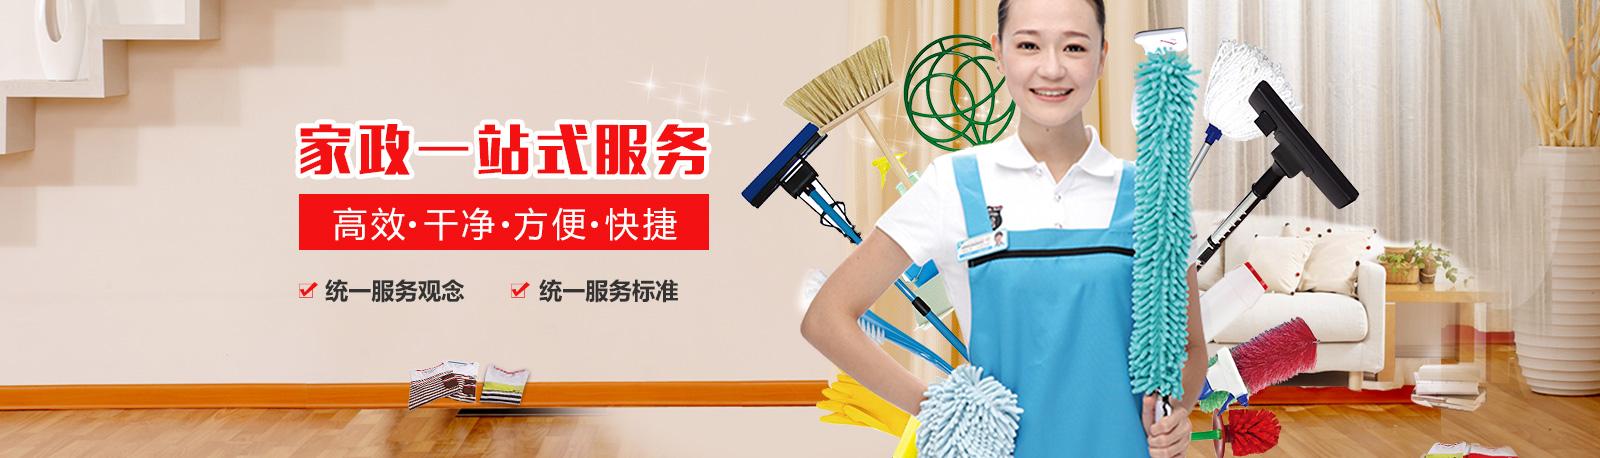 重慶家政公司